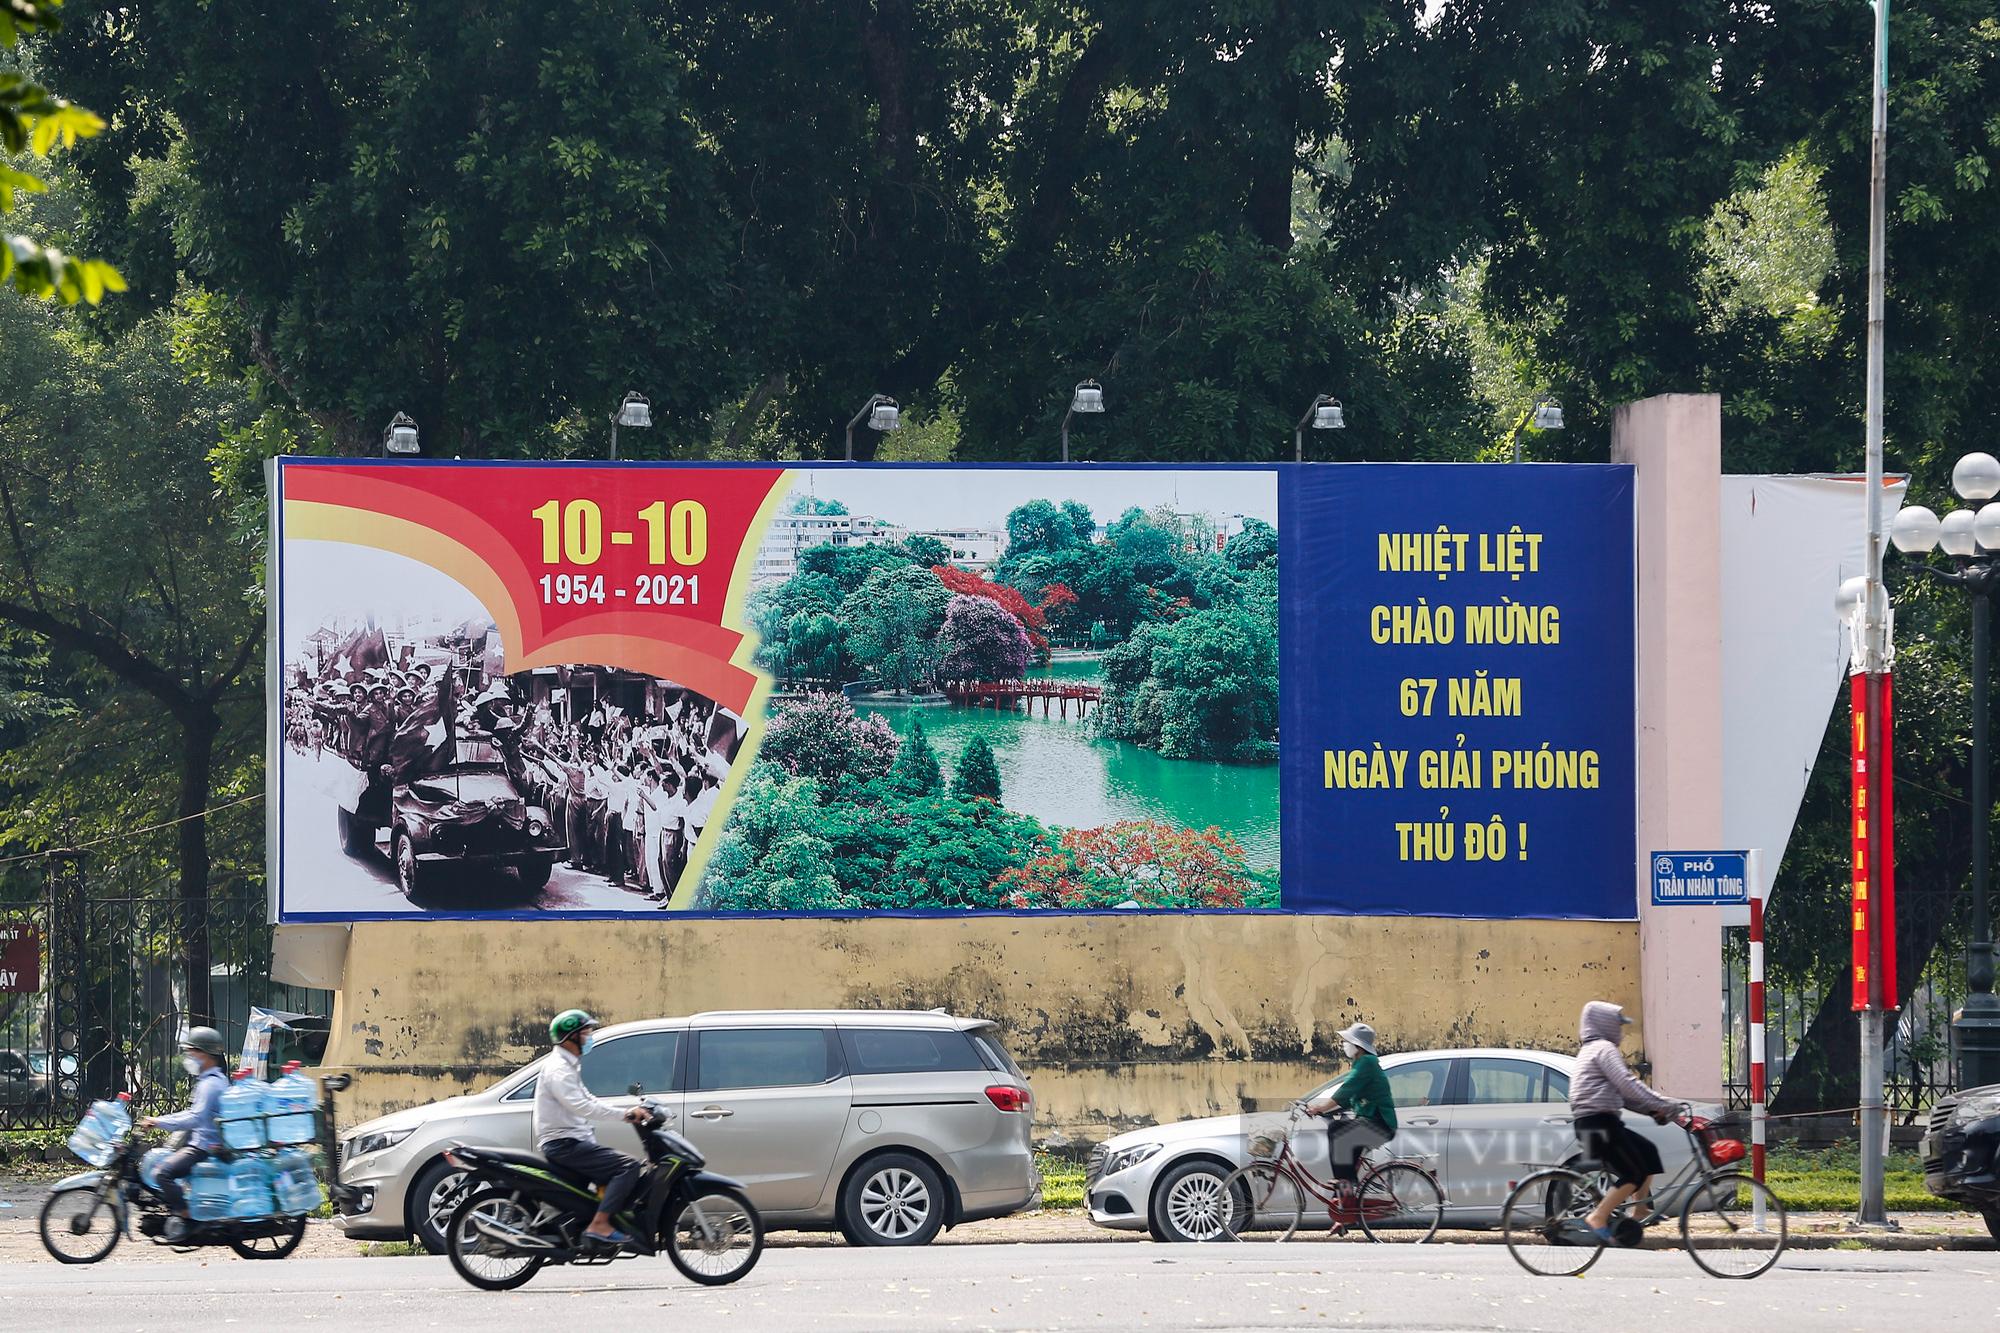 Đường phố Hà Nội rực rỡ chào mừng Ngày Giải phóng Thủ đô  - Ảnh 3.